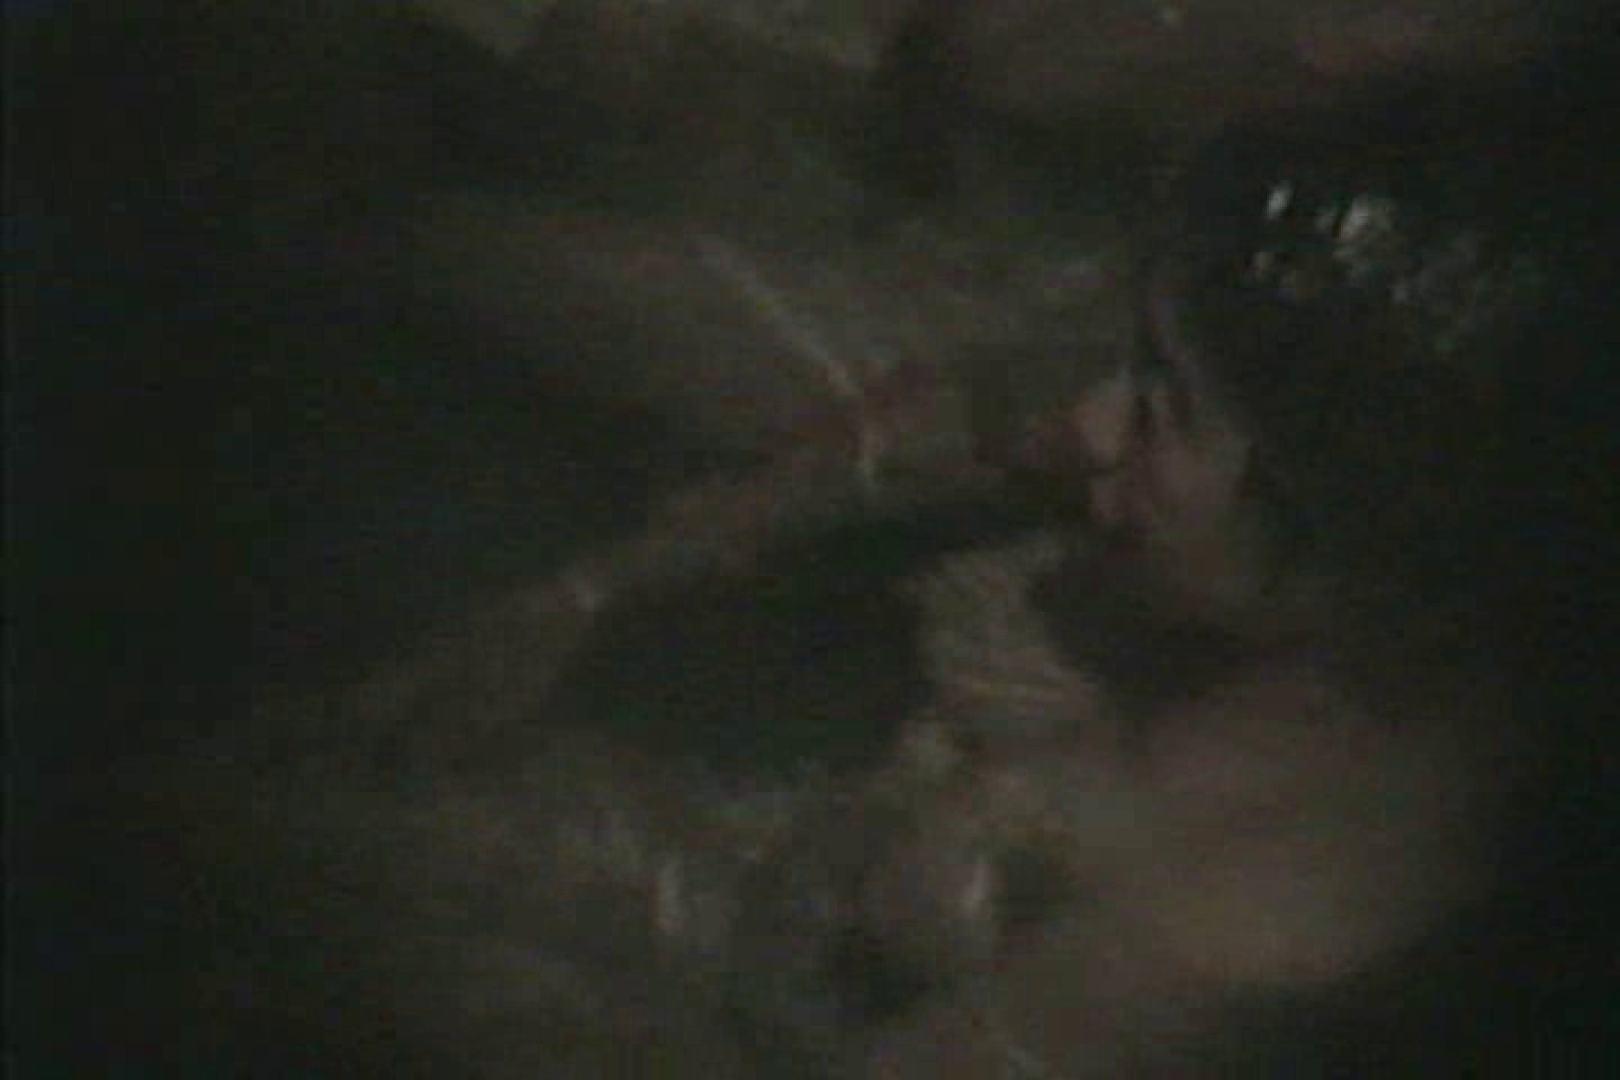 激撮!! 接写天井裏の刺客Vol.4 OLセックス 盗撮エロ画像 63画像 14